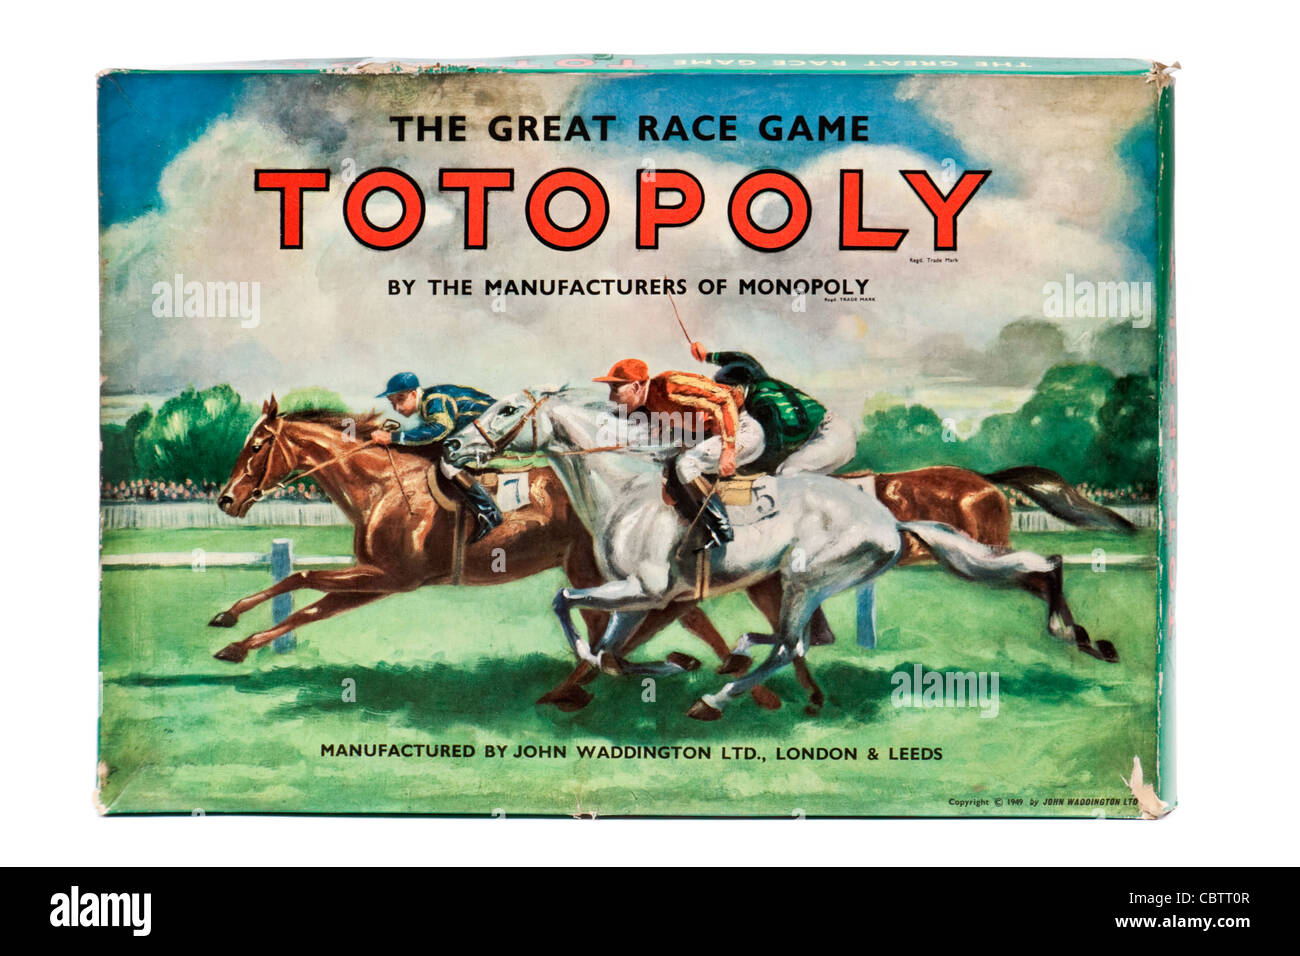 1949 'vintage' Totopoly jeu de courses de chevaux par John Waddington Ltd. Banque D'Images